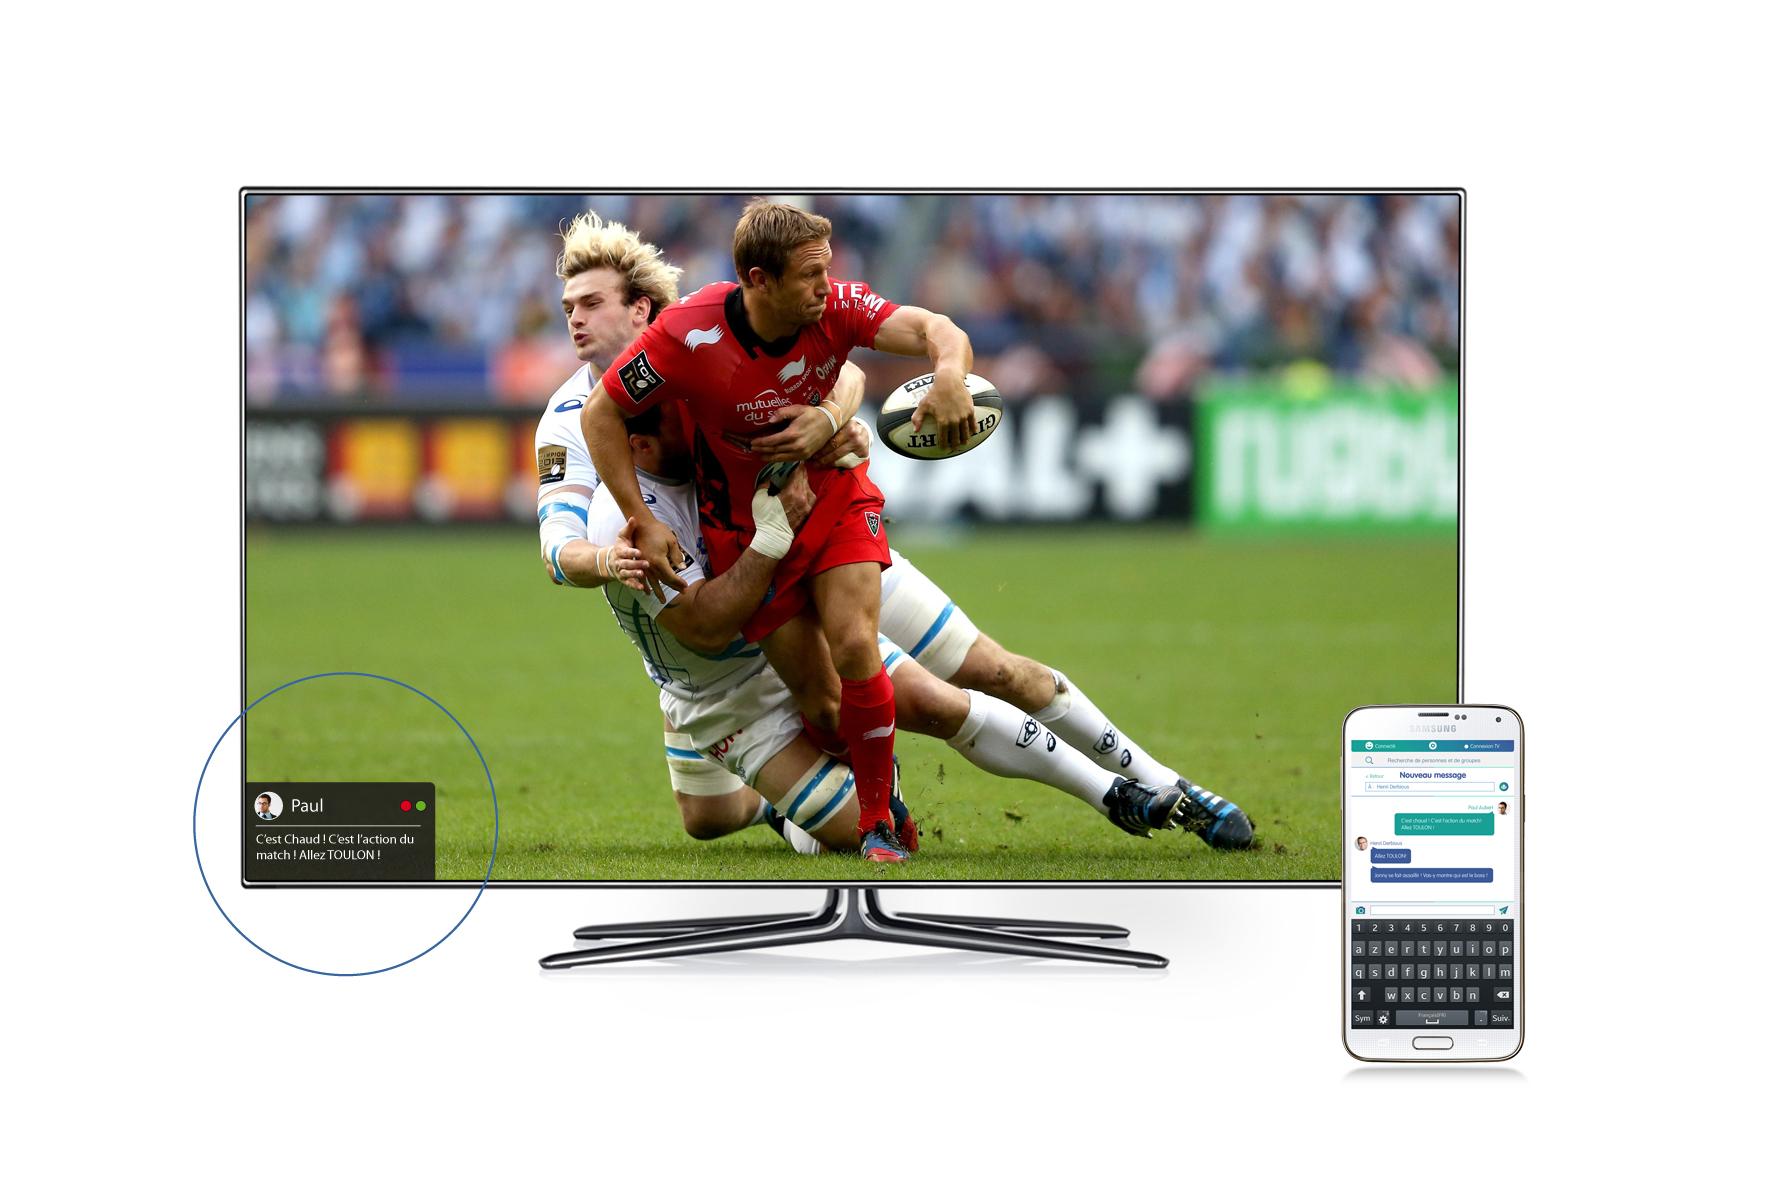 La carte Up TV, pour rendre votre téléviseur intelligent et connecté